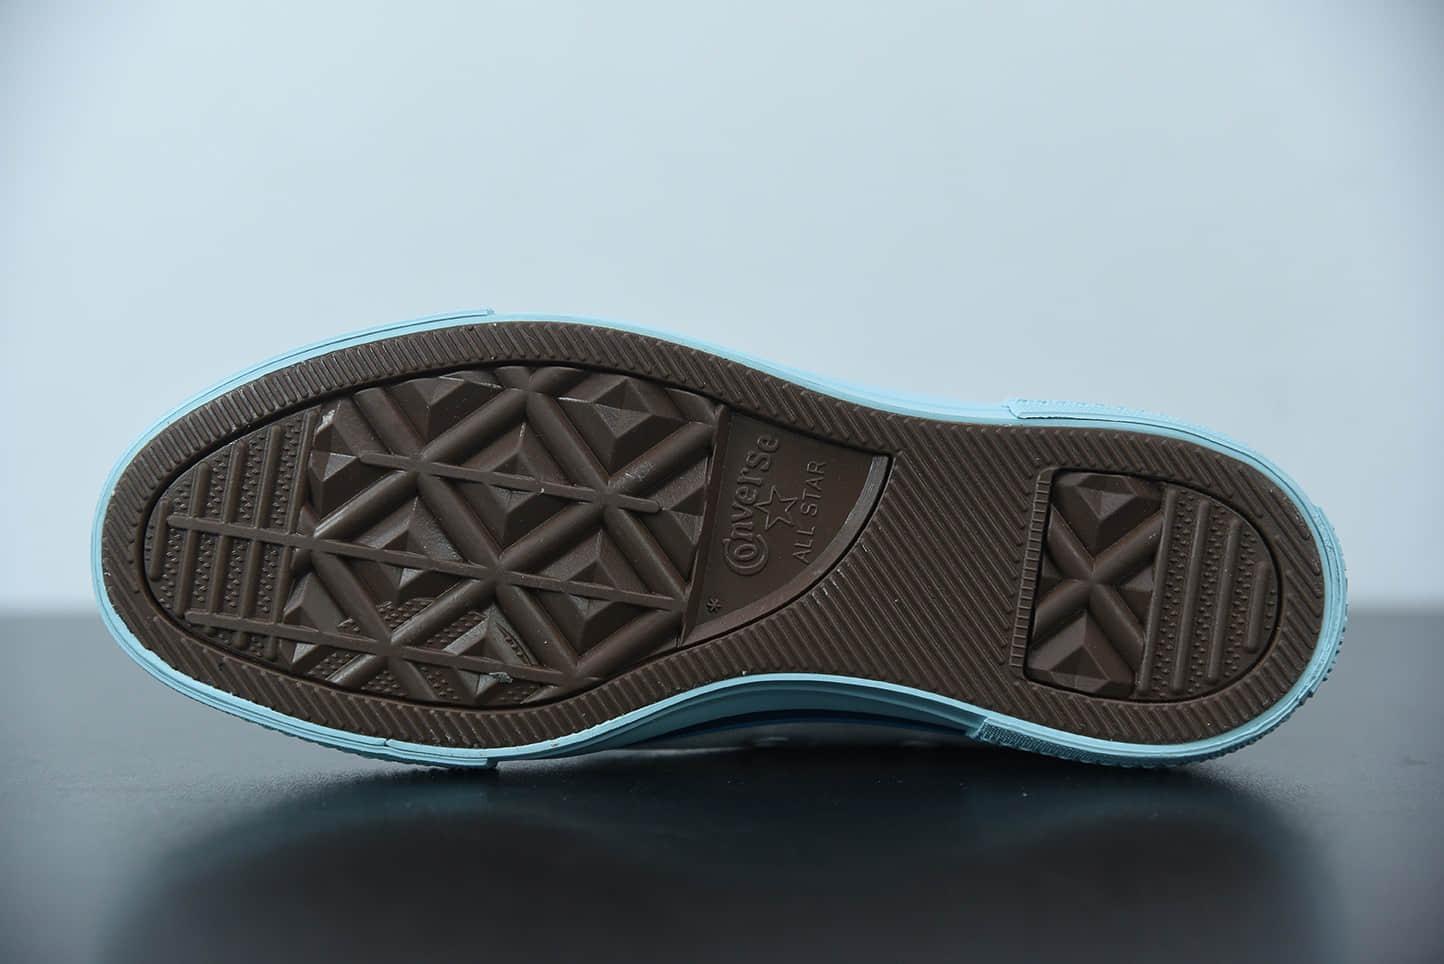 匡威 Converse All Star 清新蓝高帮奶蓝渐变鞋带硫化帆布鞋纯原版本 货号: 568805C